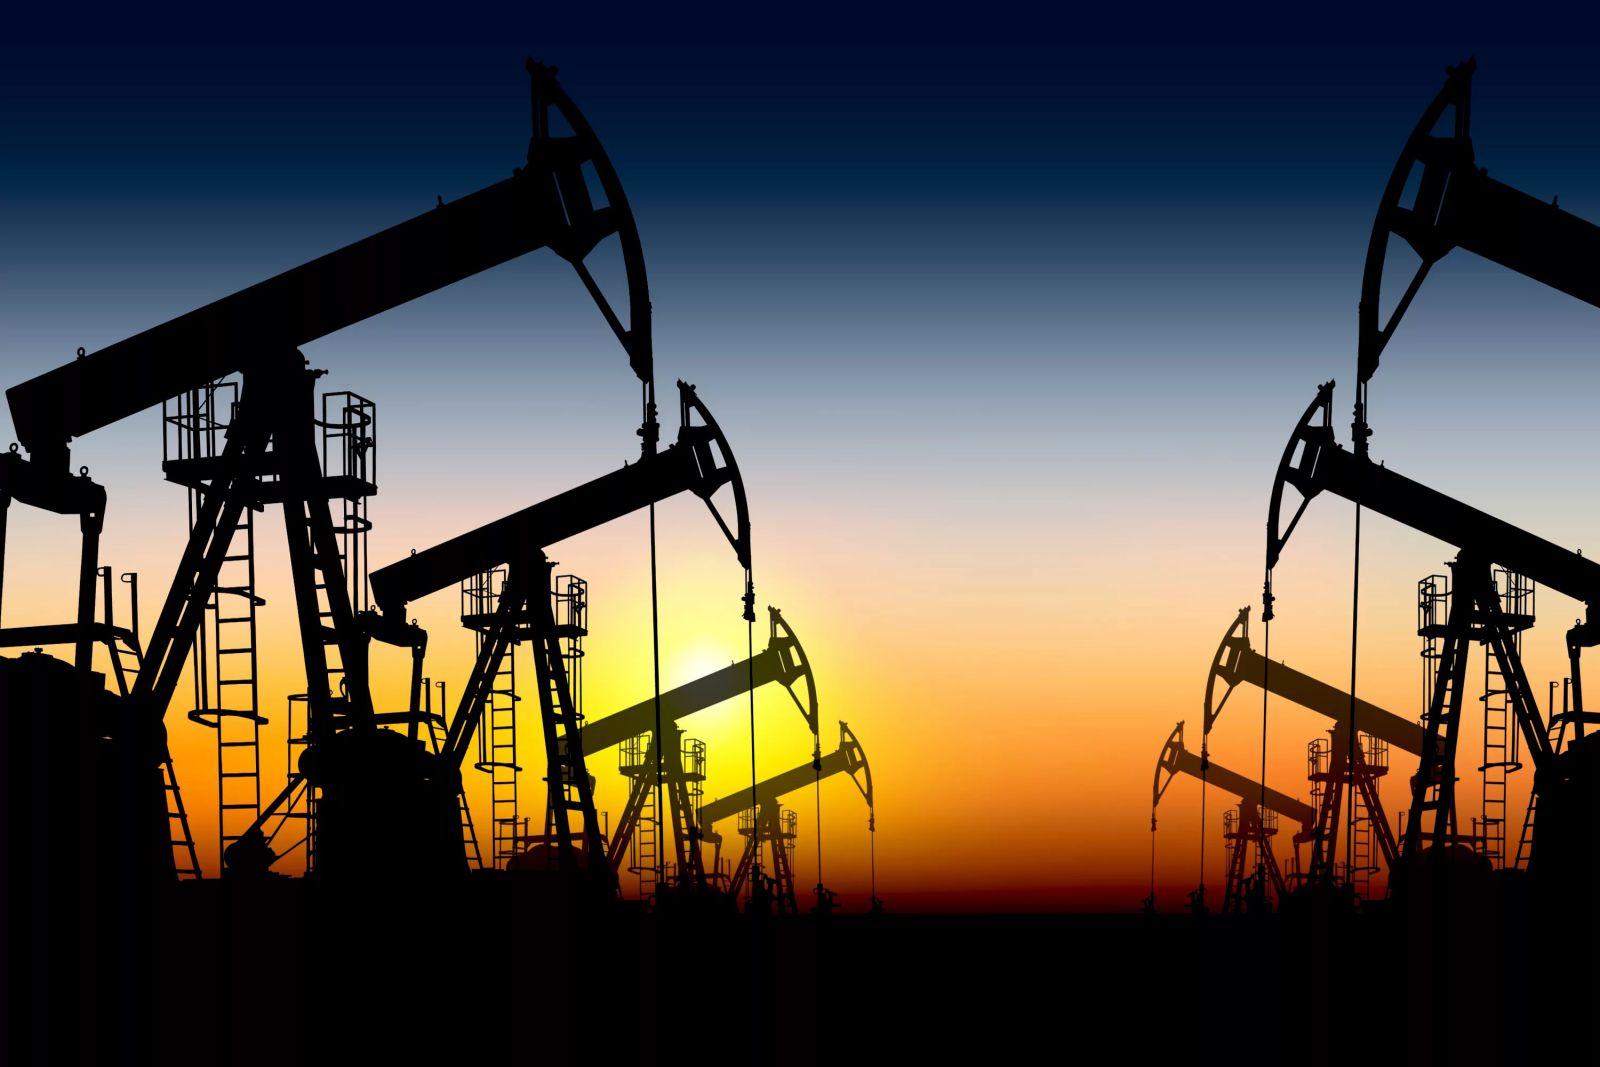 Стоимость нефти WTI превысила $59 забаррель впервый раз сиюня позапрошлого года